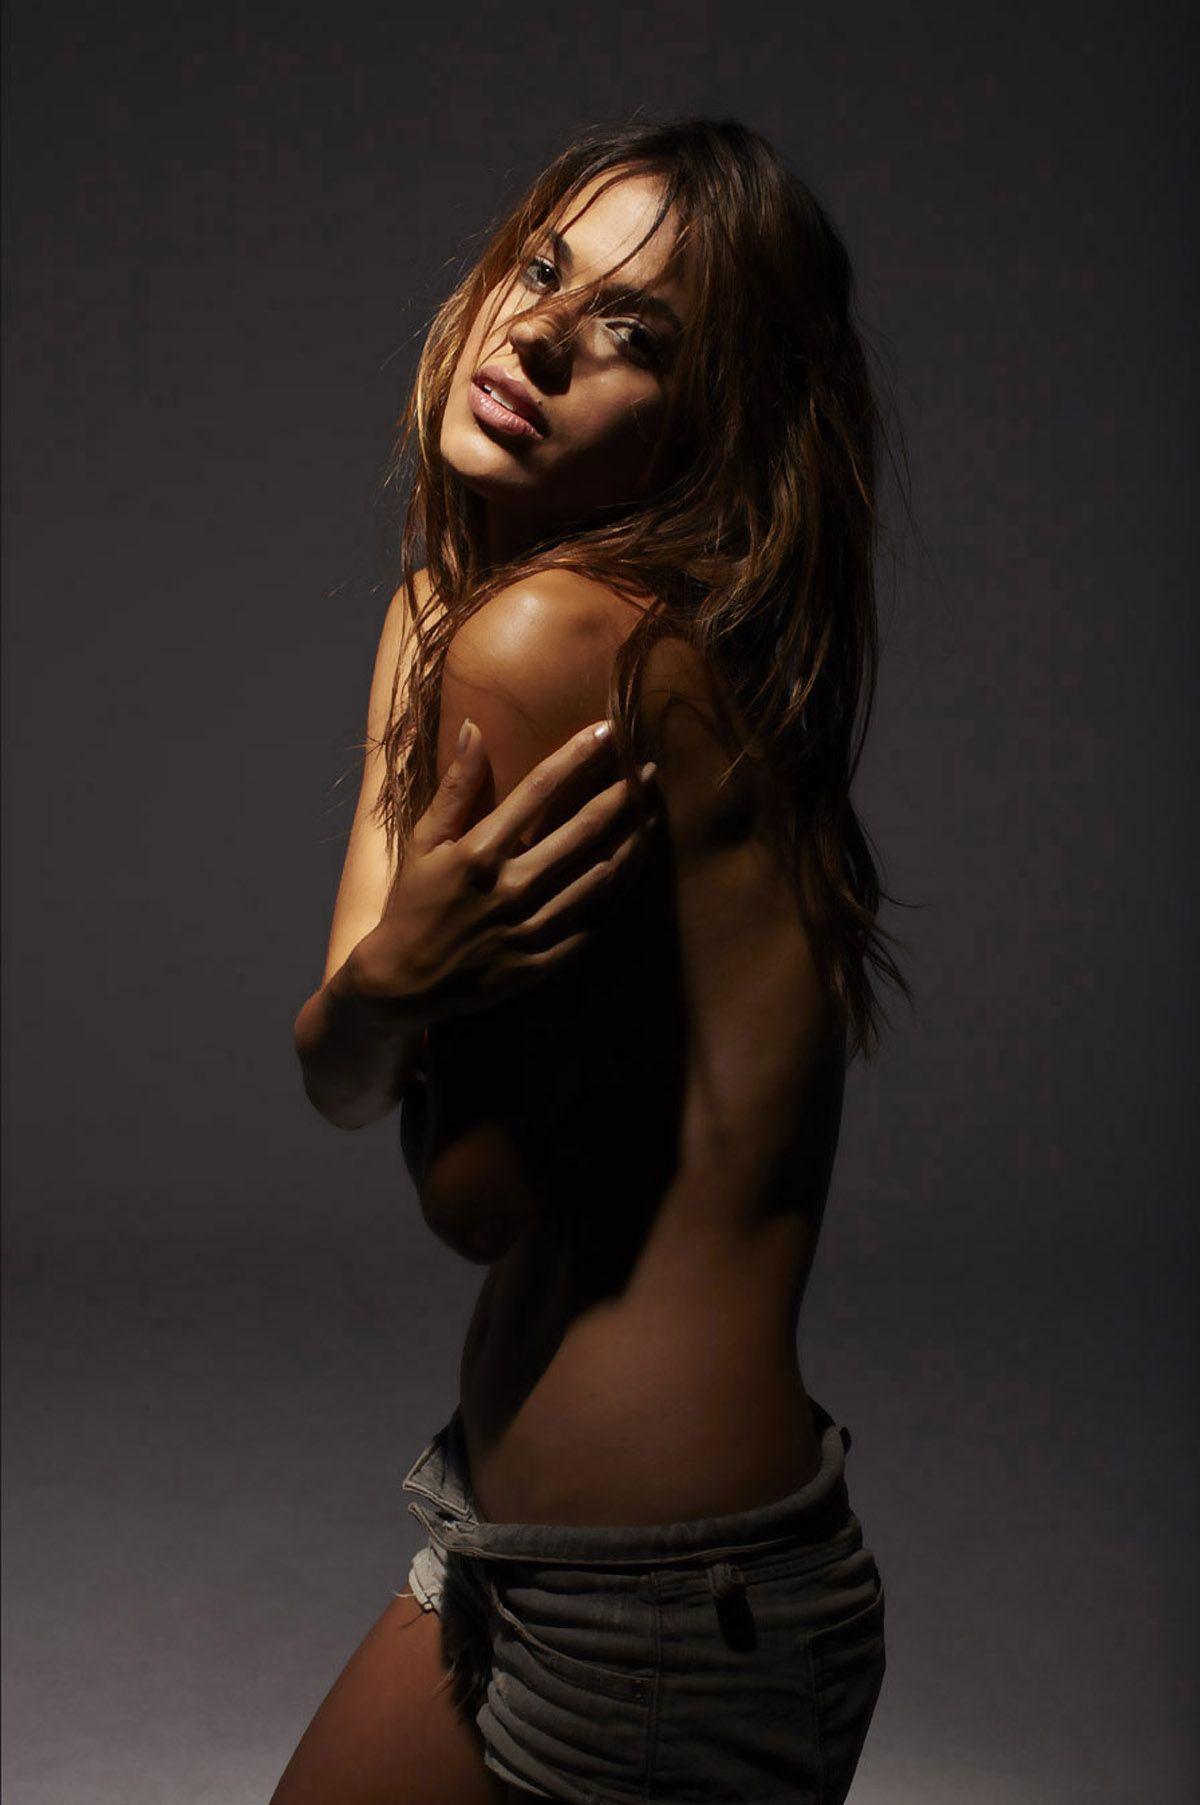 Rayla Jacunda Bikini Pics